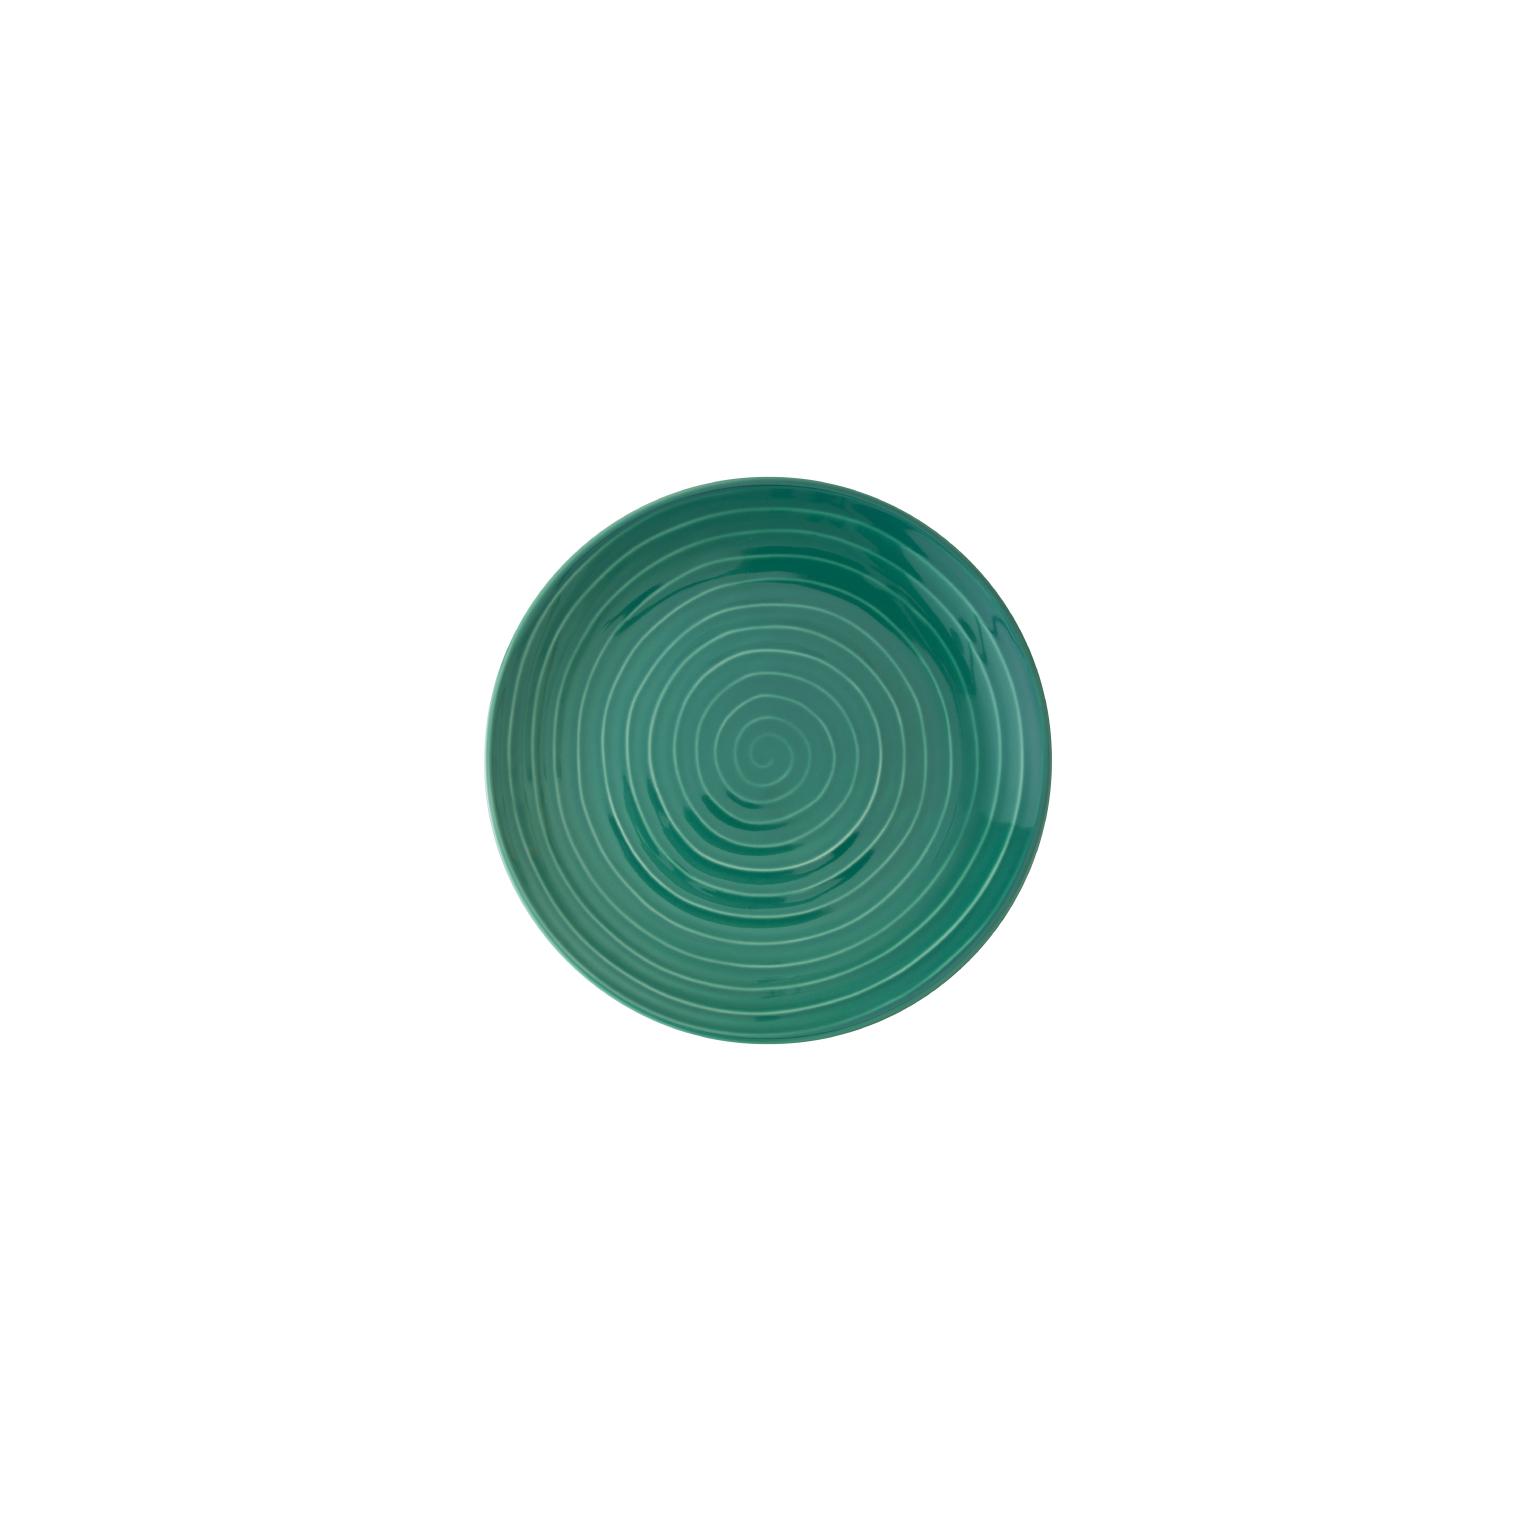 Blond Assiett Grön 22 cm